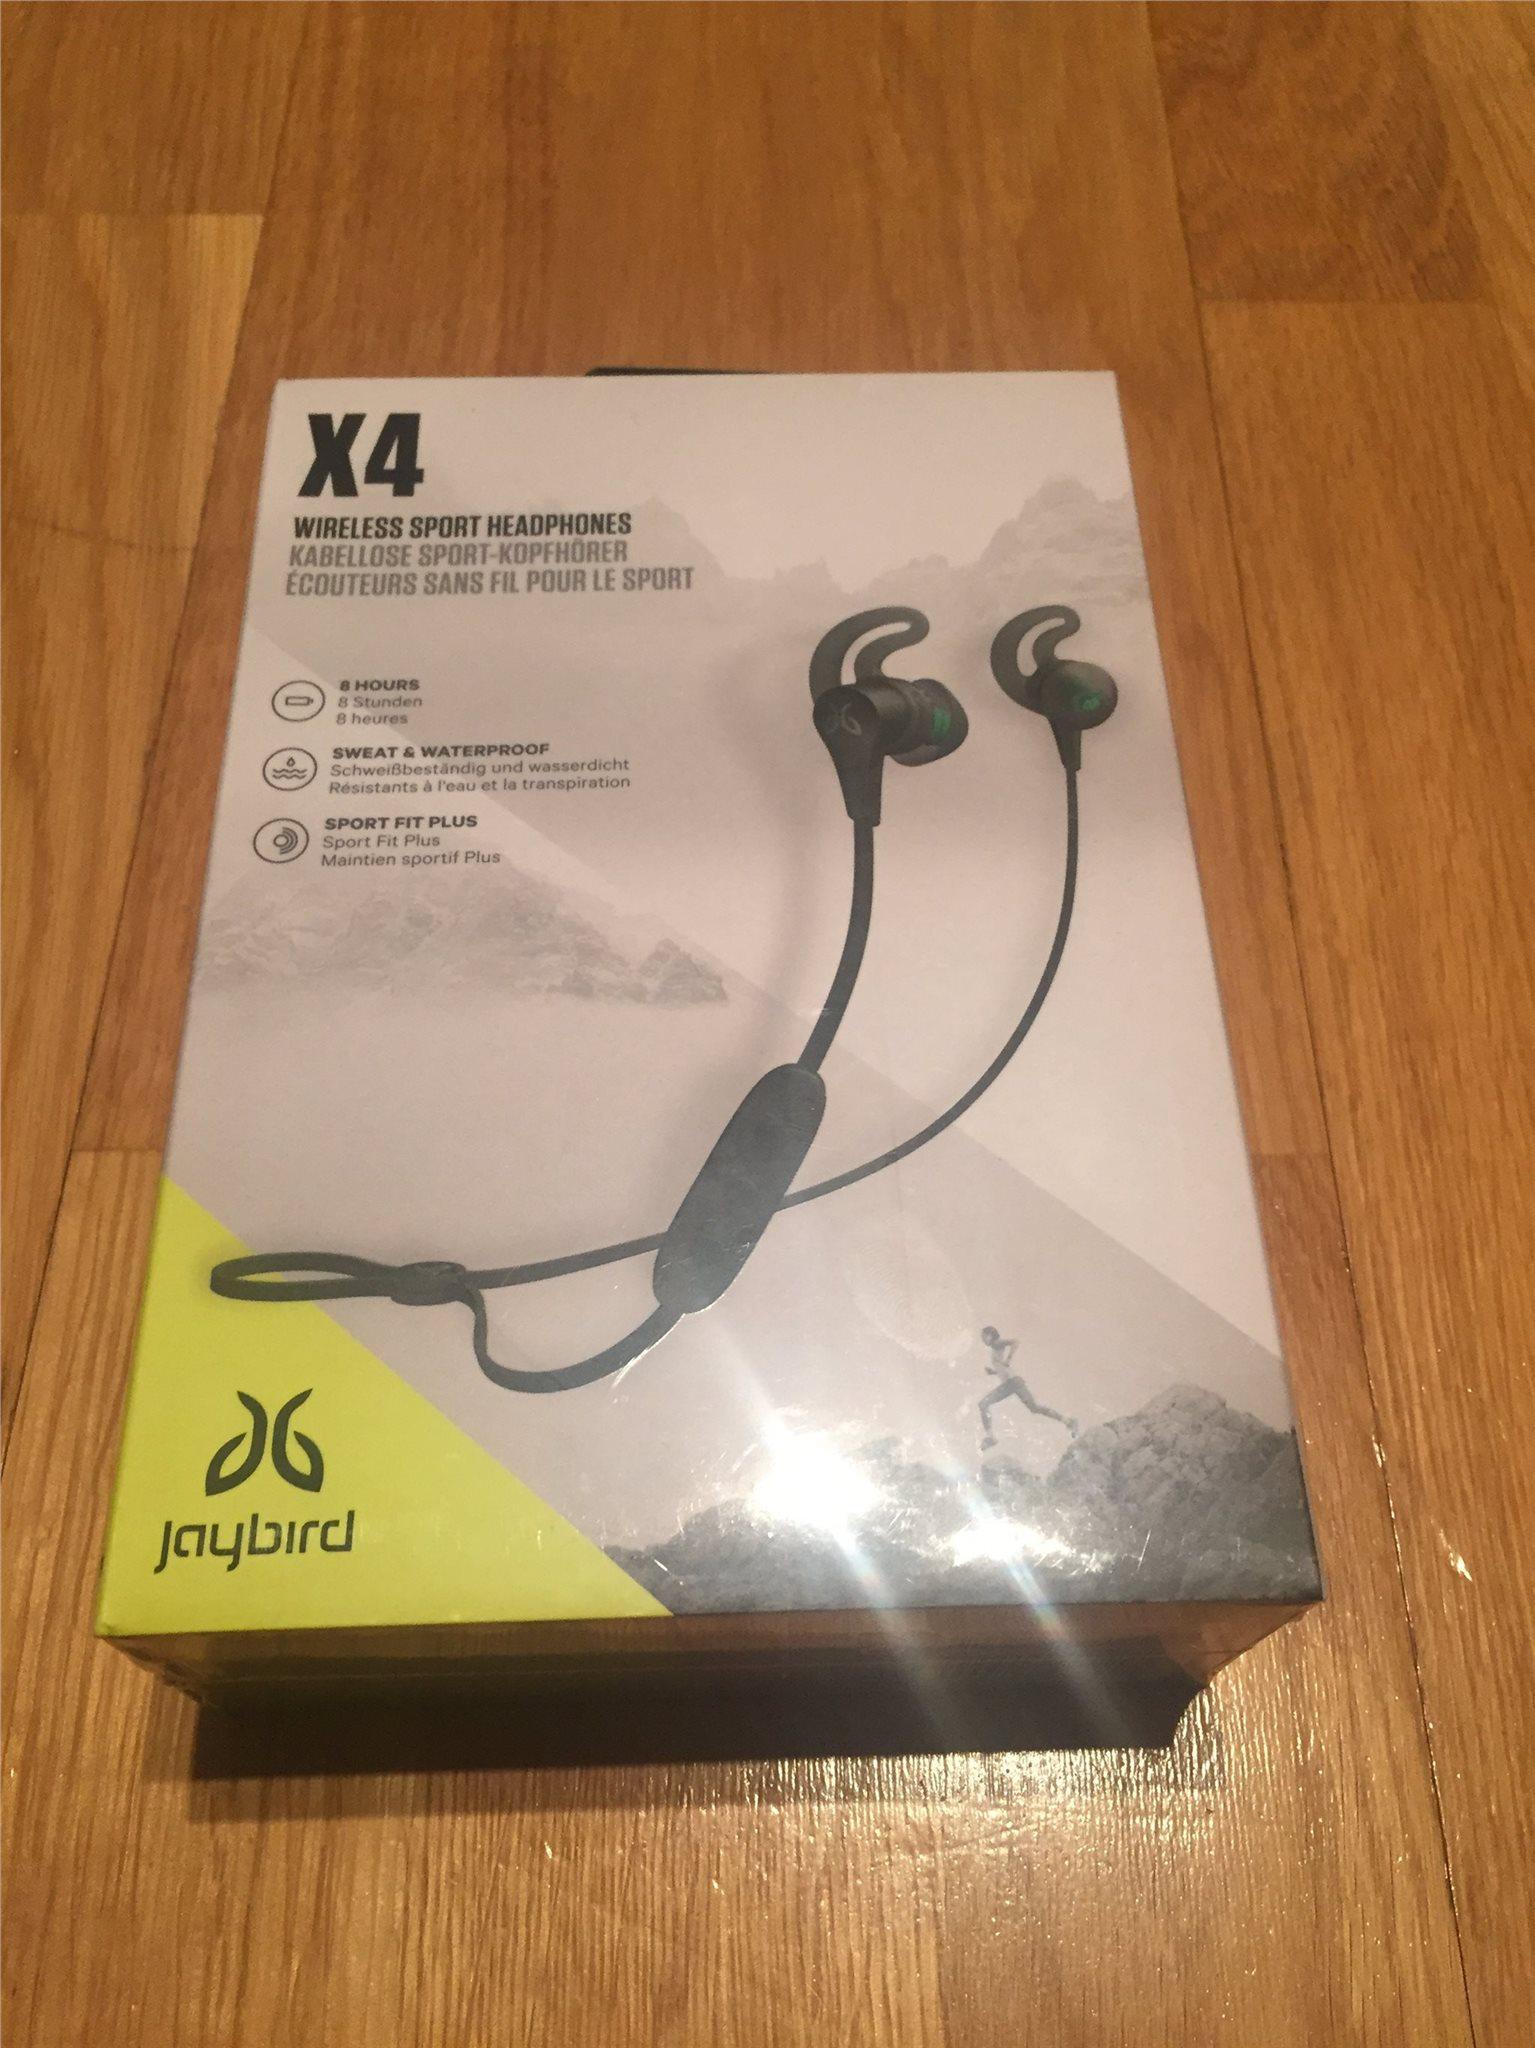 Jaybird X4 (trådlösa hörlurar) (329887853) ᐈ Köp på Tradera ef584a9ef976c